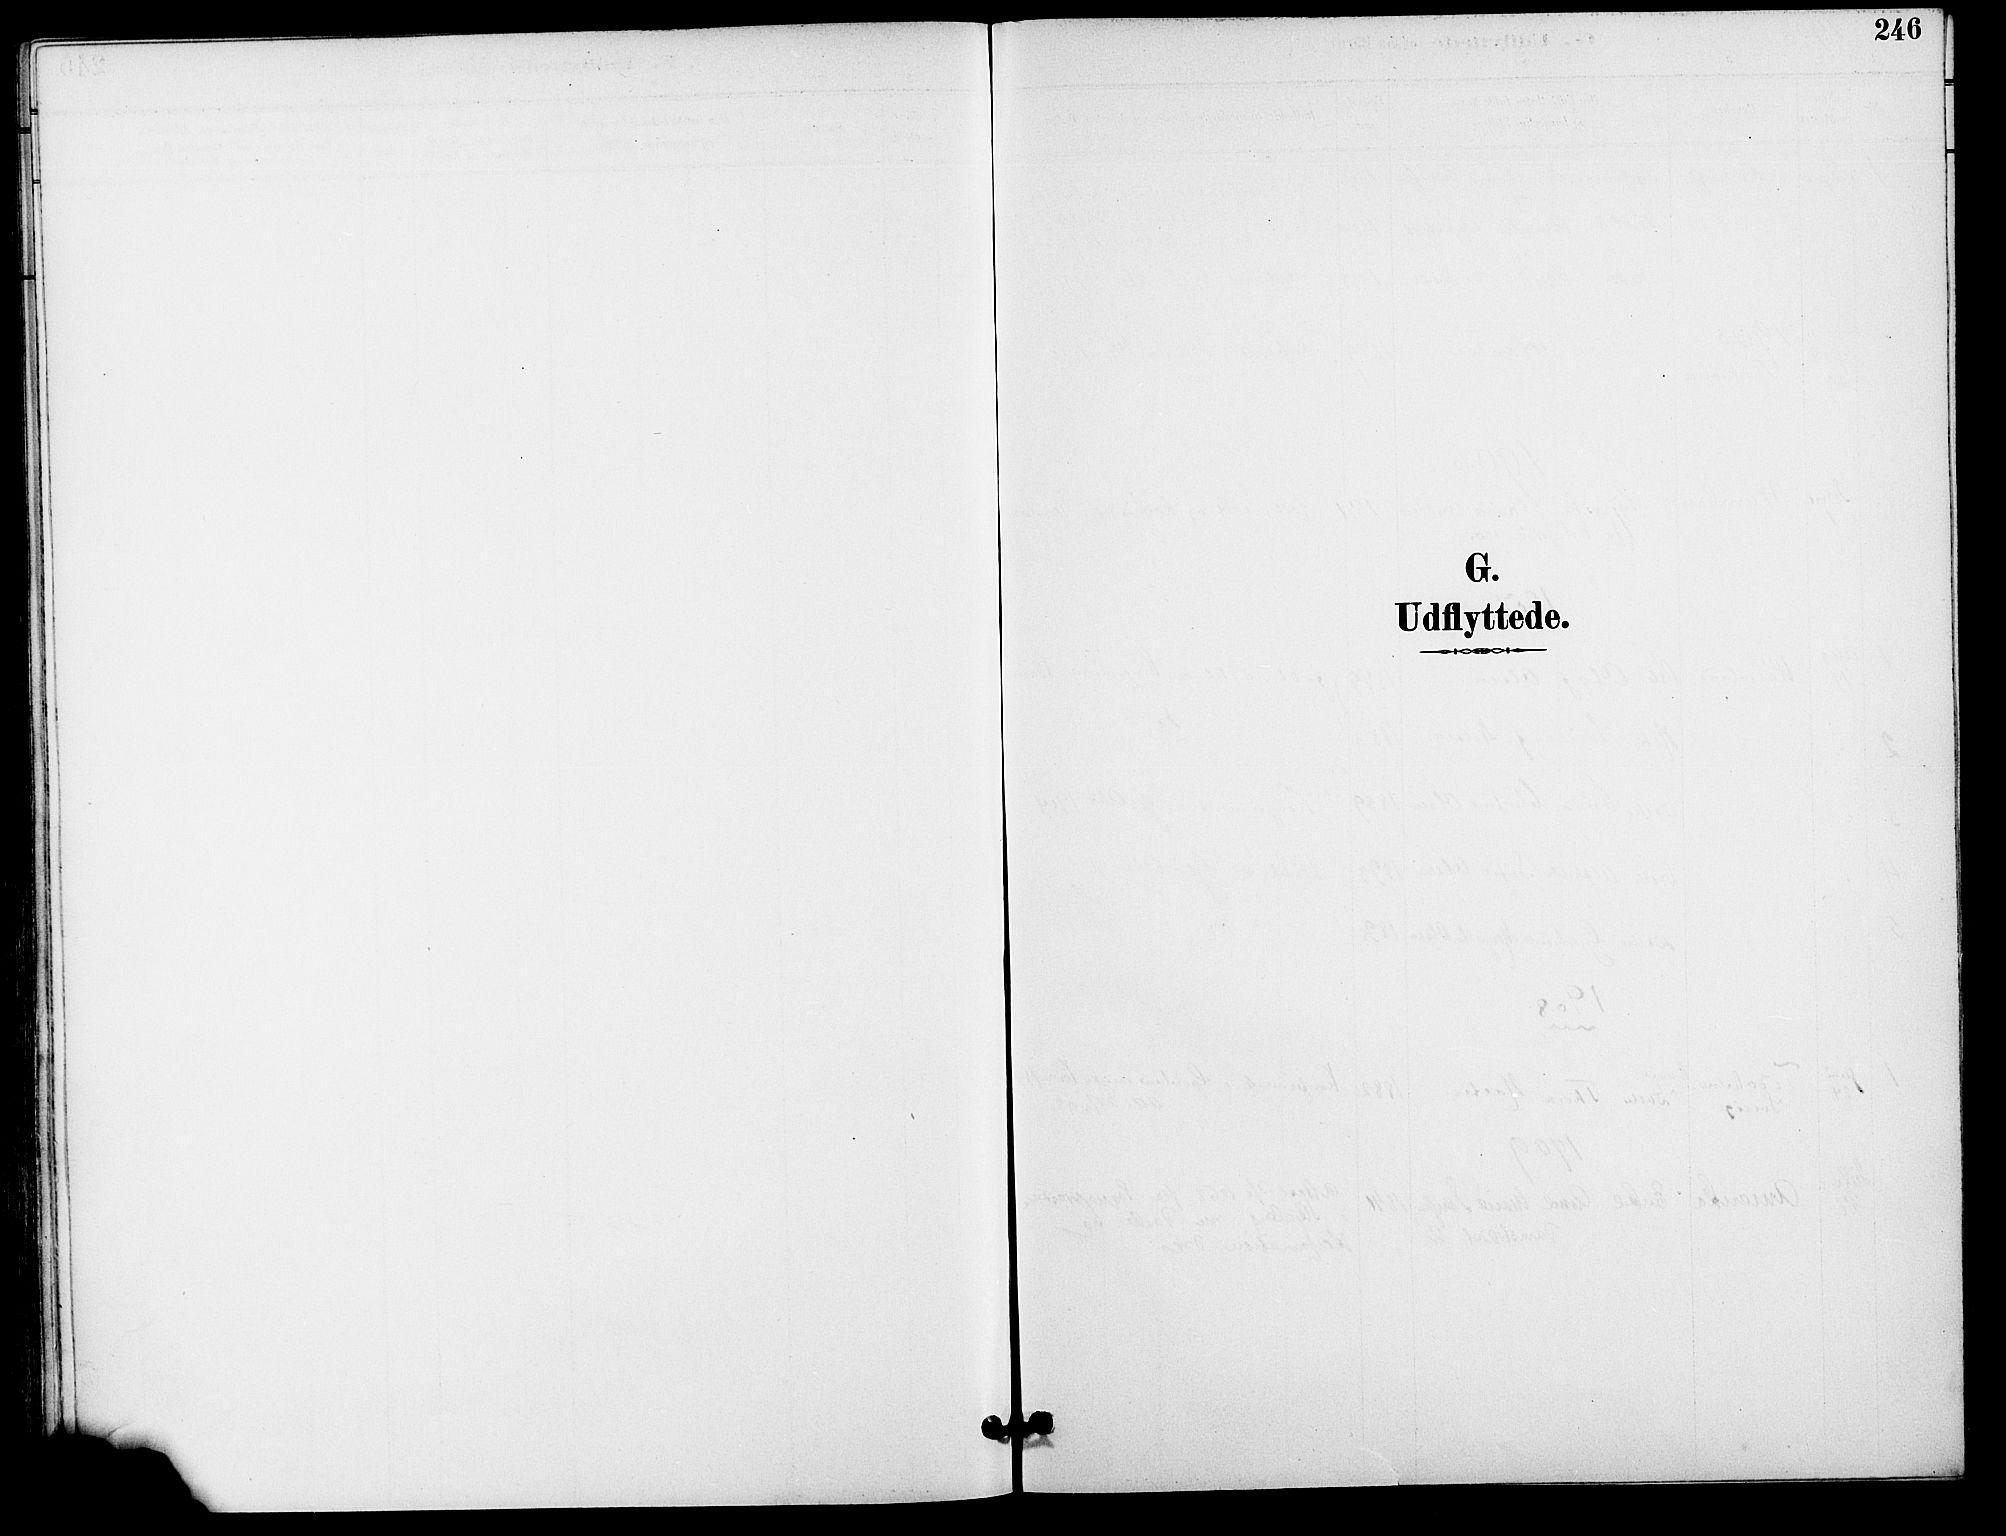 SAO, Gamle Aker prestekontor Kirkebøker, F/L0009: Ministerialbok nr. 9, 1890-1898, s. 246